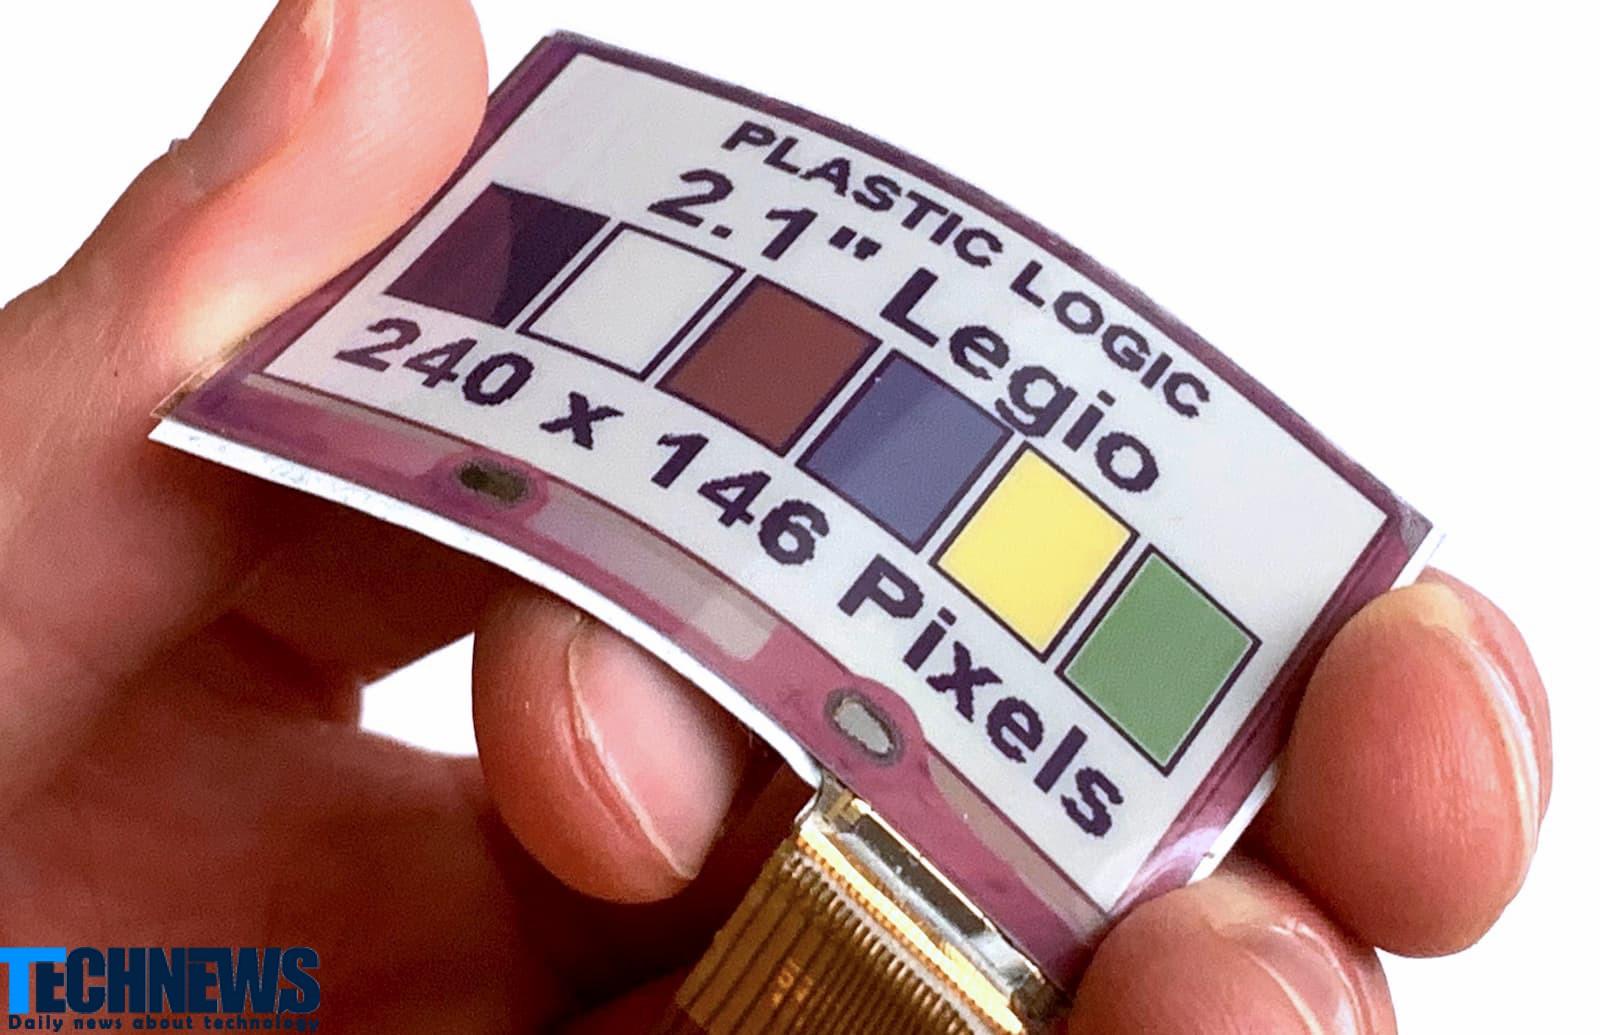 اضافه شدن نمایشگر جوهر الکترونیک رنگی و انعطافپذیر به گجت های پوشیدنی و لباس ها